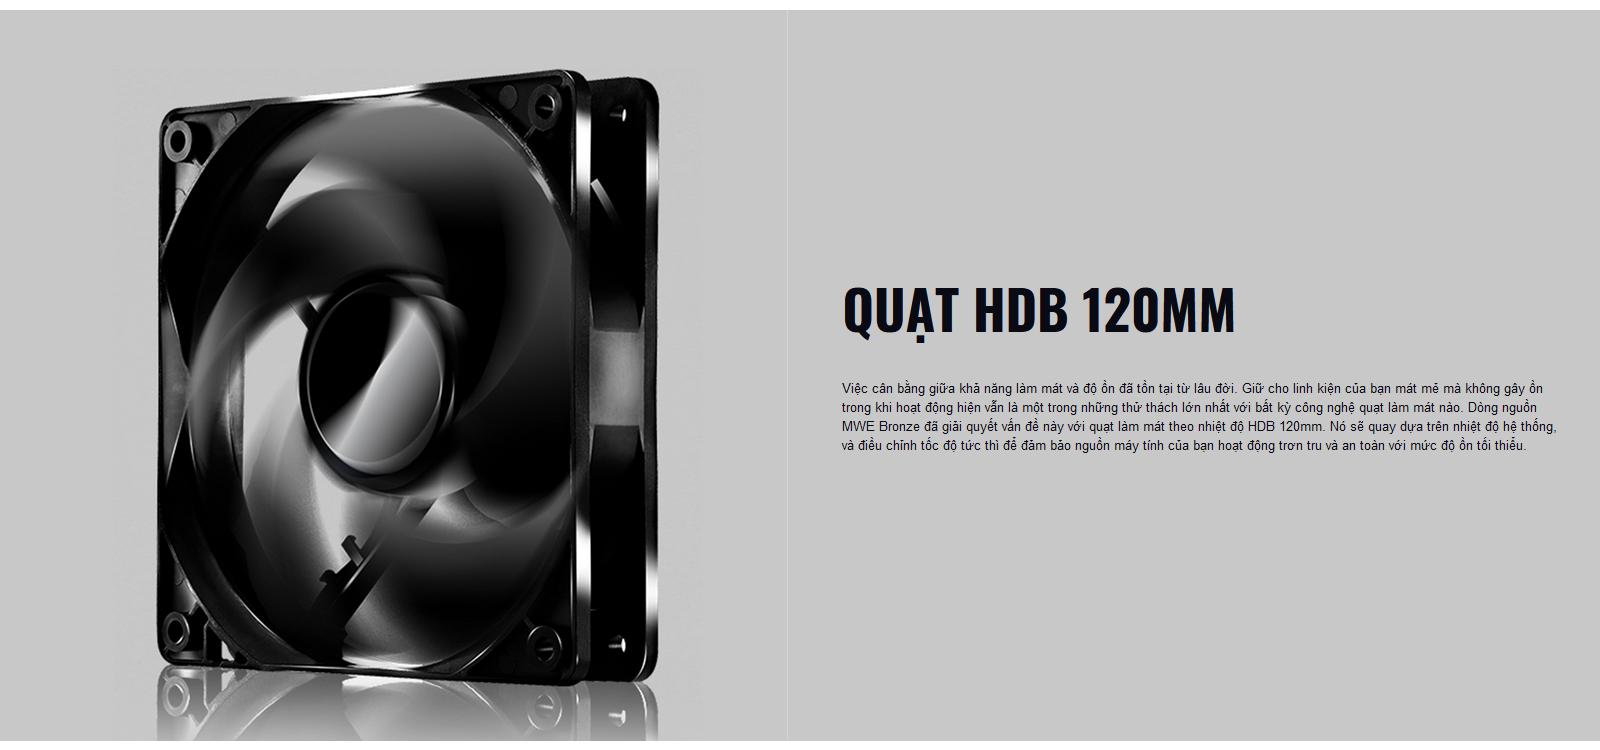 Nguồn máy tính Cooler Master MWE V2 230V 450 450W Plus Bronze (80 Plus Bronze/Màu Đen) trang bị quạt HDB 120MM